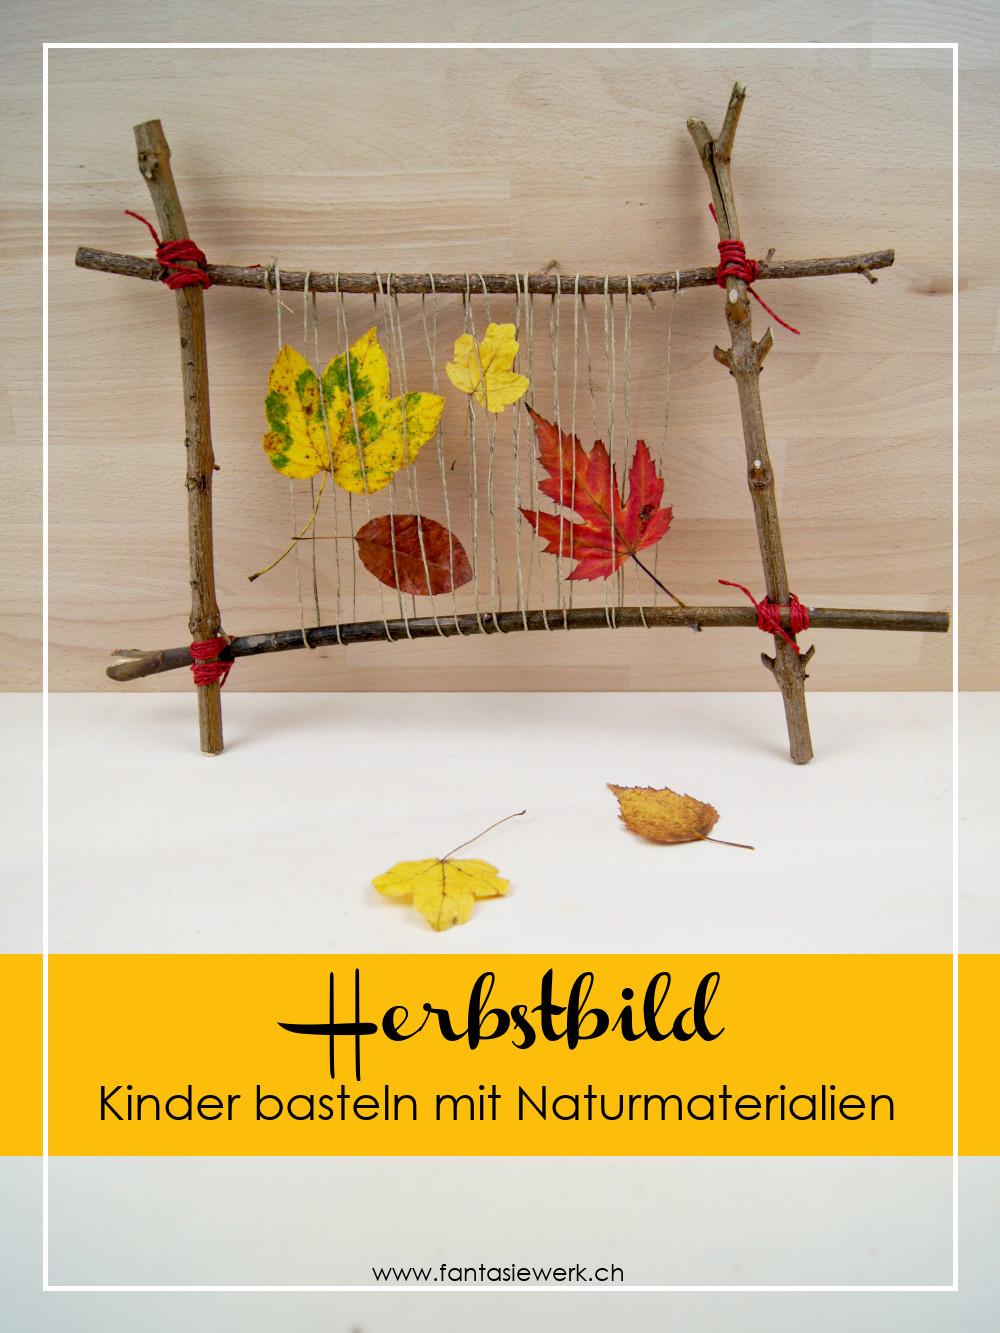 Anleitung: Herbst - Gesteck aus Ästen und Laubblättern basteln | Kinder entdecken Naturmaterialien und gestalten mit ihnen ein kreatives herbstliches Bild | Fantasiewerk | #naturmaterialien #bastelnmitkindern